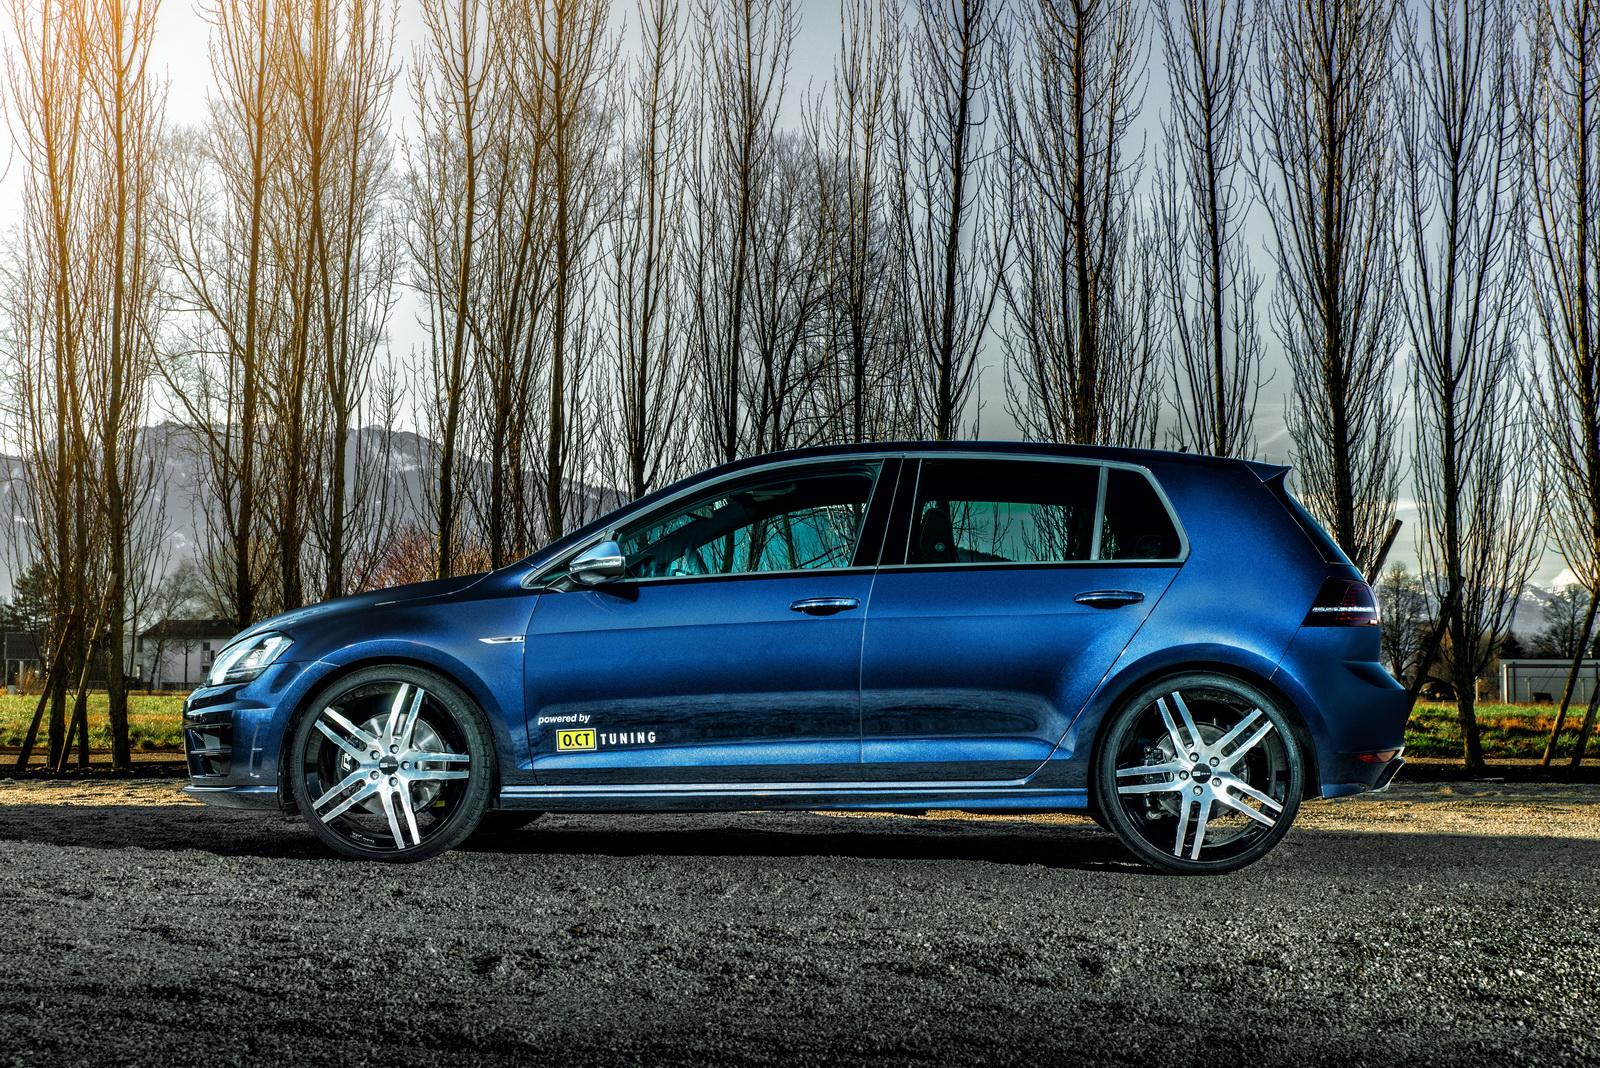 O.CT le enchufa 450 CV al Volkswagen Golf R: Ya no hay excusas para lamentarse por la pérdida del Golf R400... 1